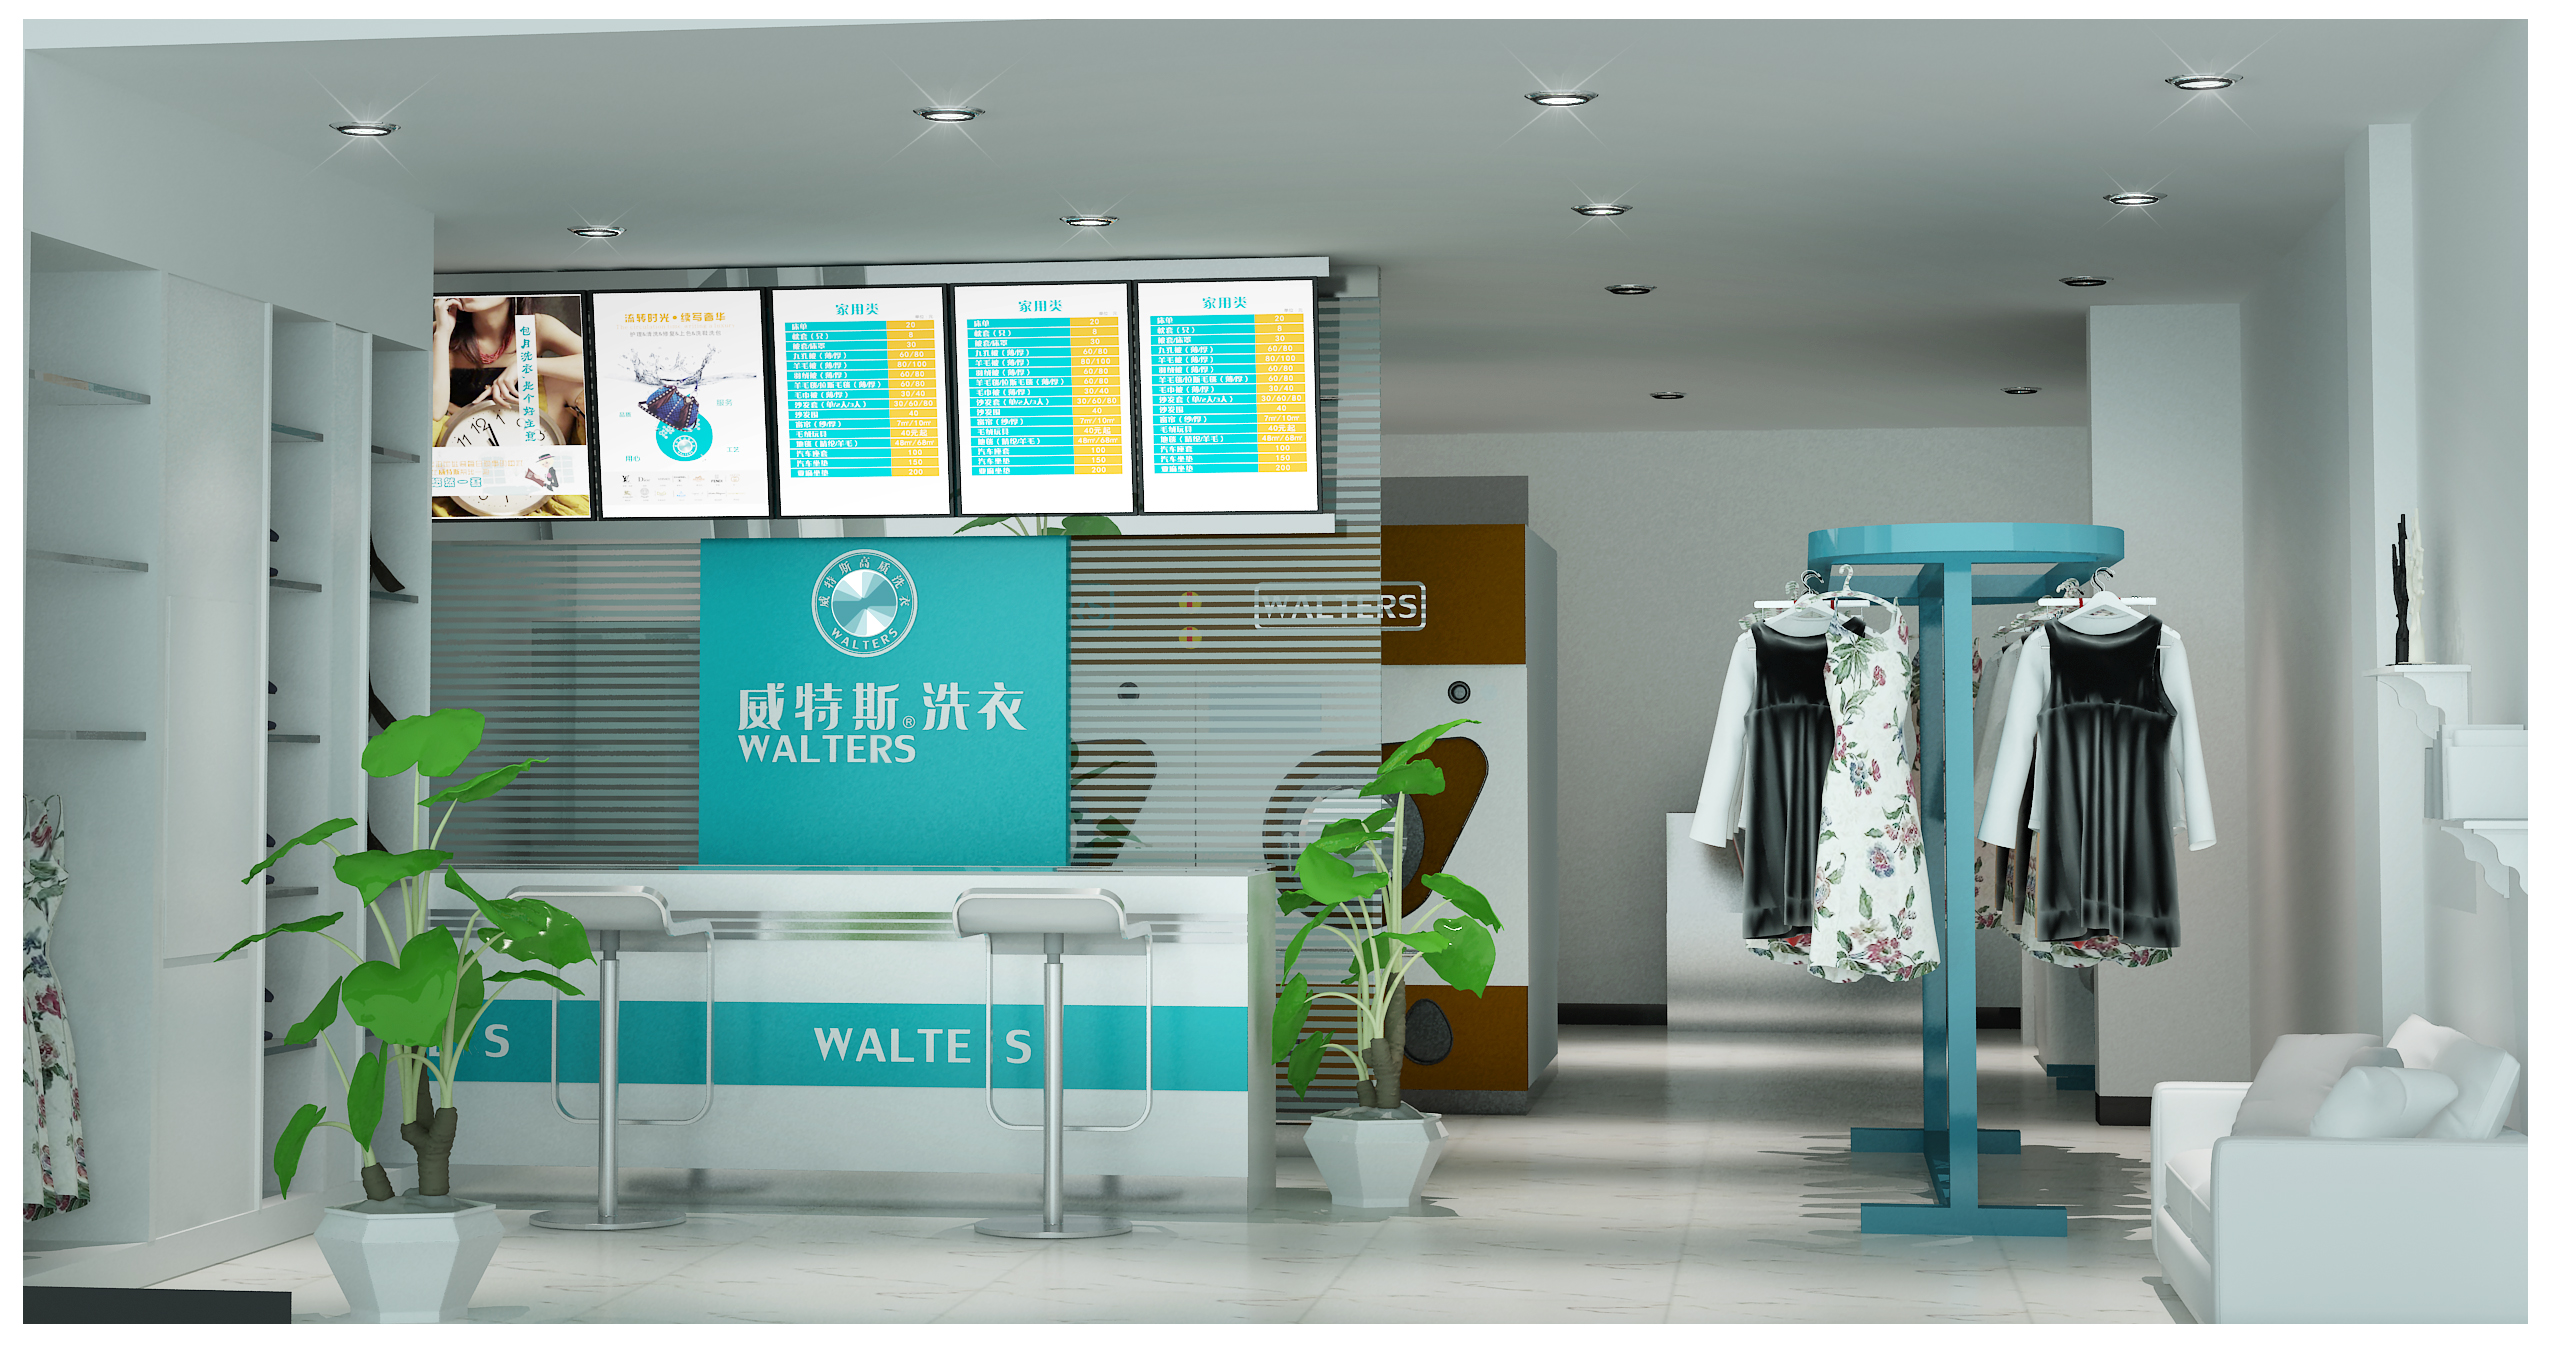 威特斯国际洗衣如何提高竞争力